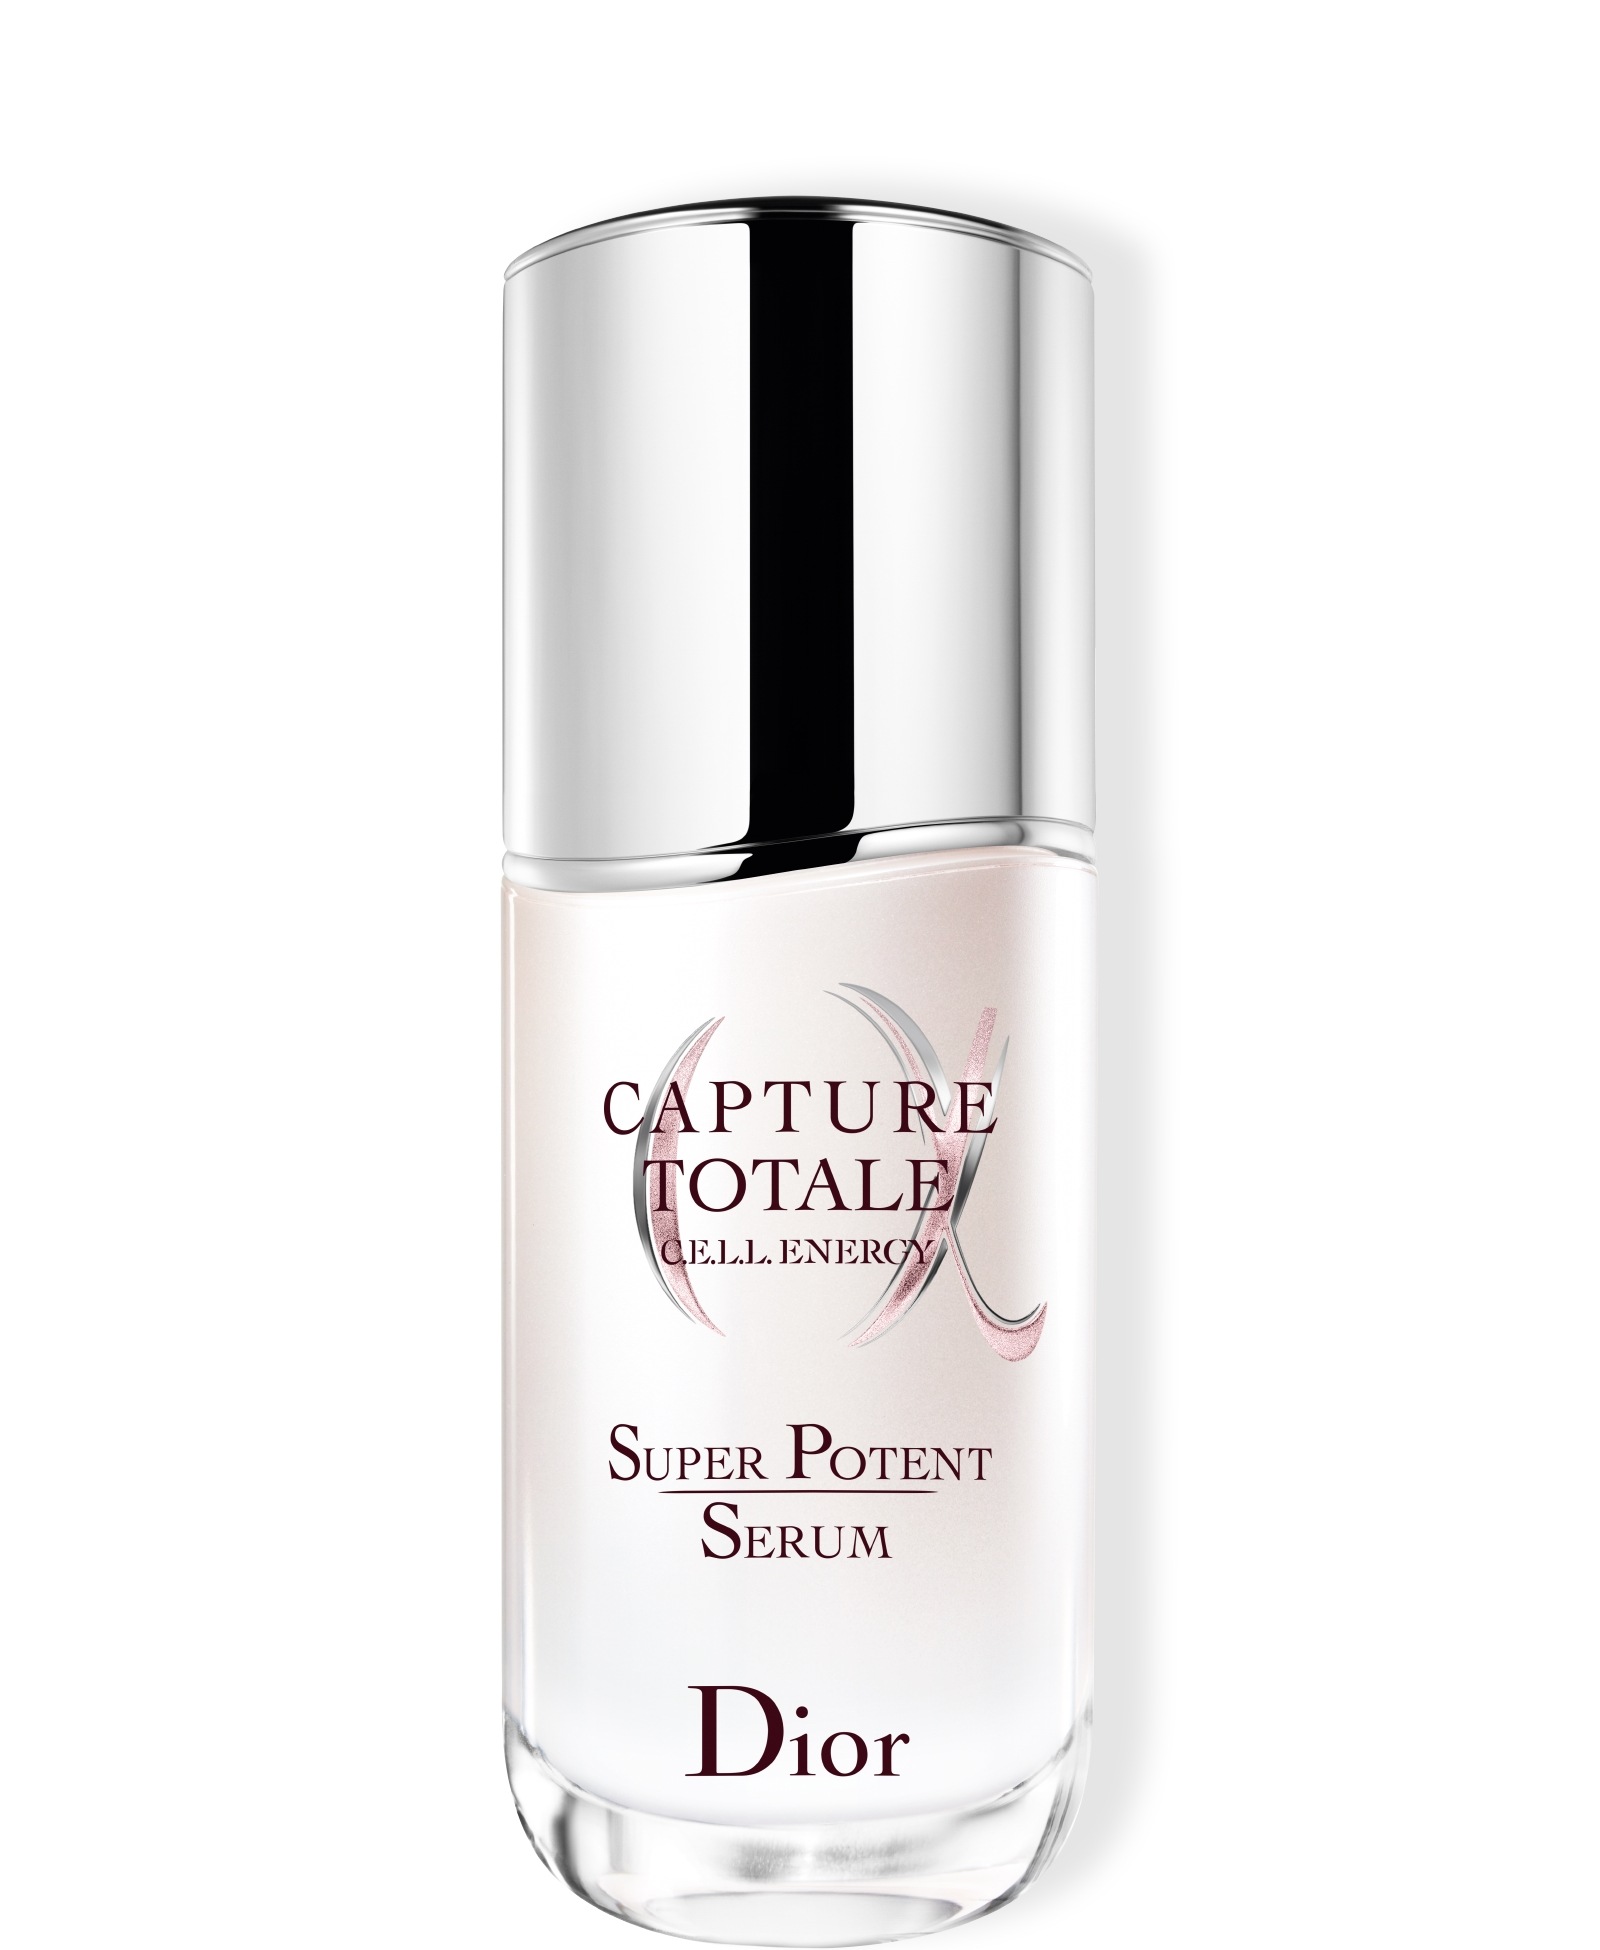 DIOR Capture Totale C.E.L.L. ENERGY - Super Potent Serum, 50 ml